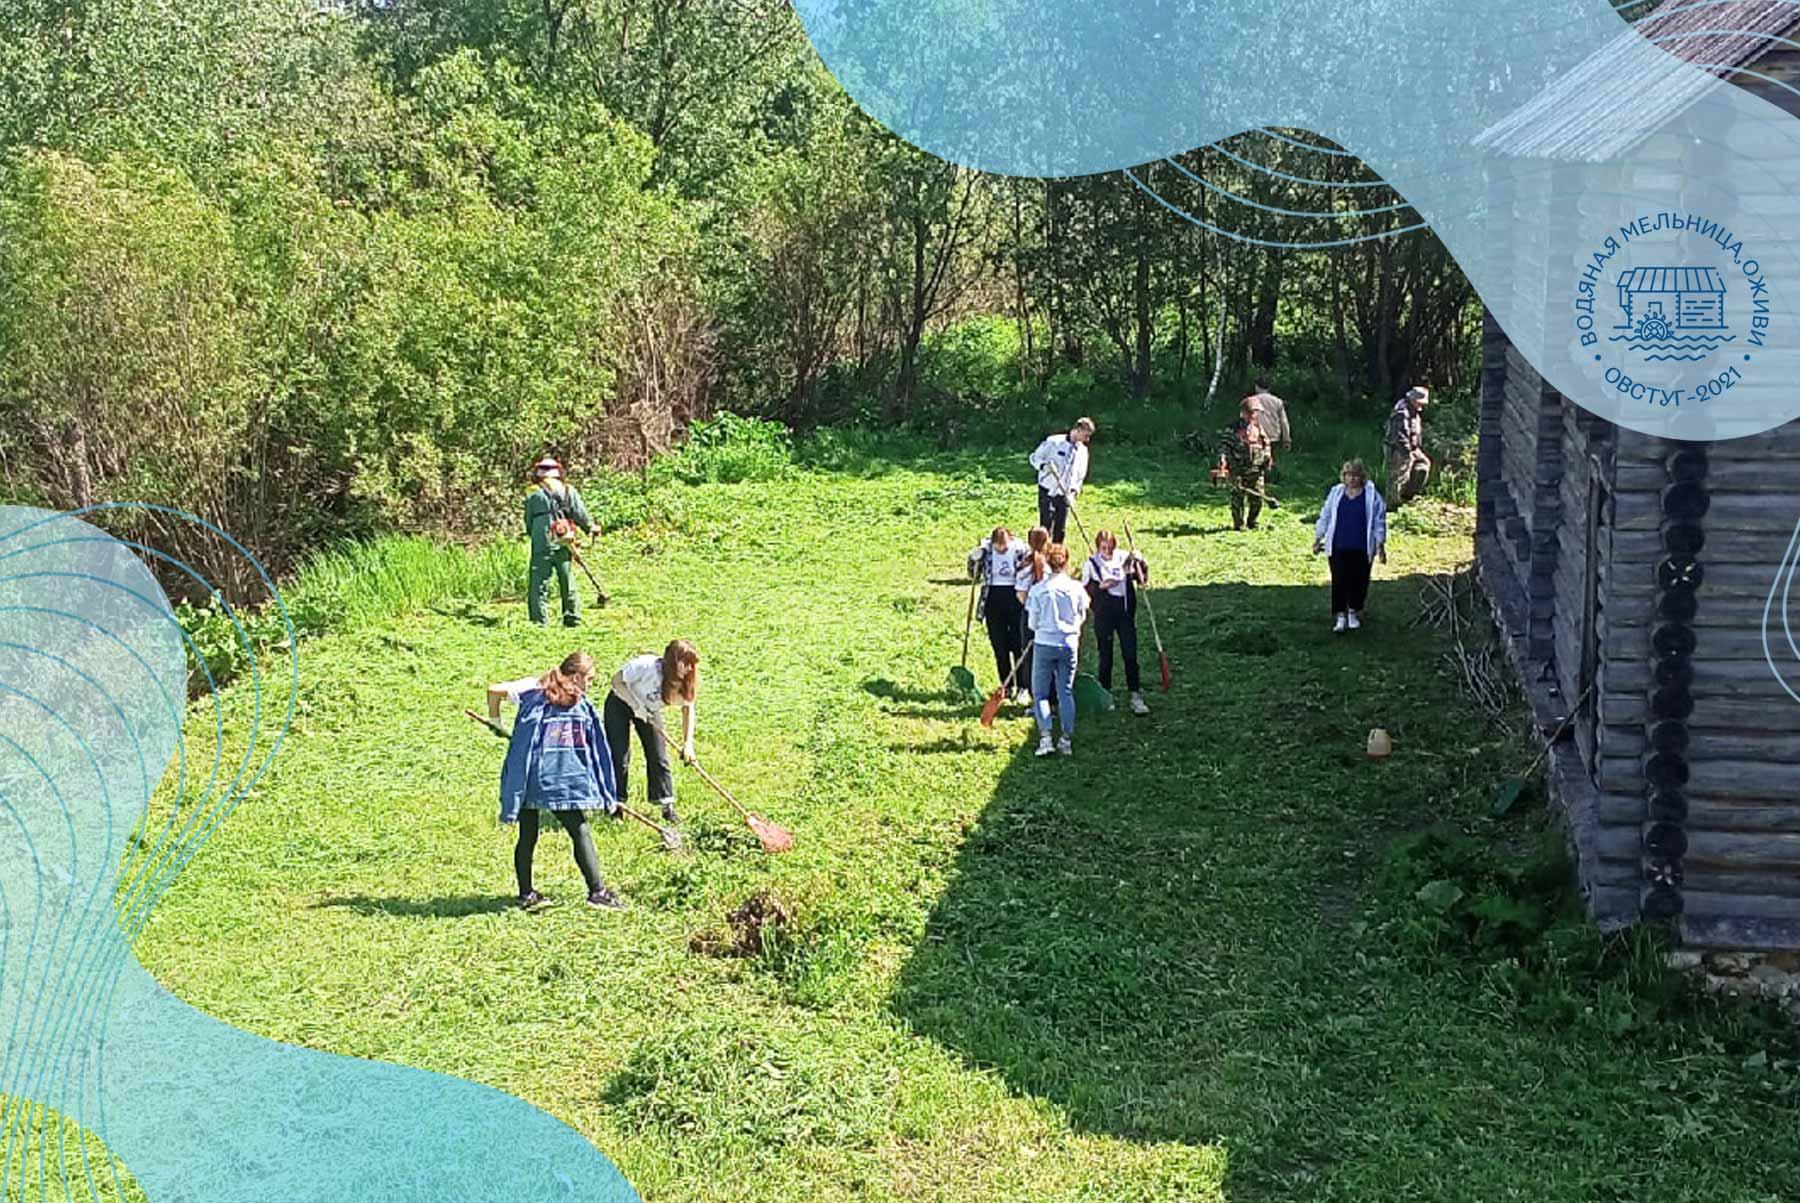 Старт дан: волонтёры провели первые работы по благоустройству территории овстугской водяной мельницы